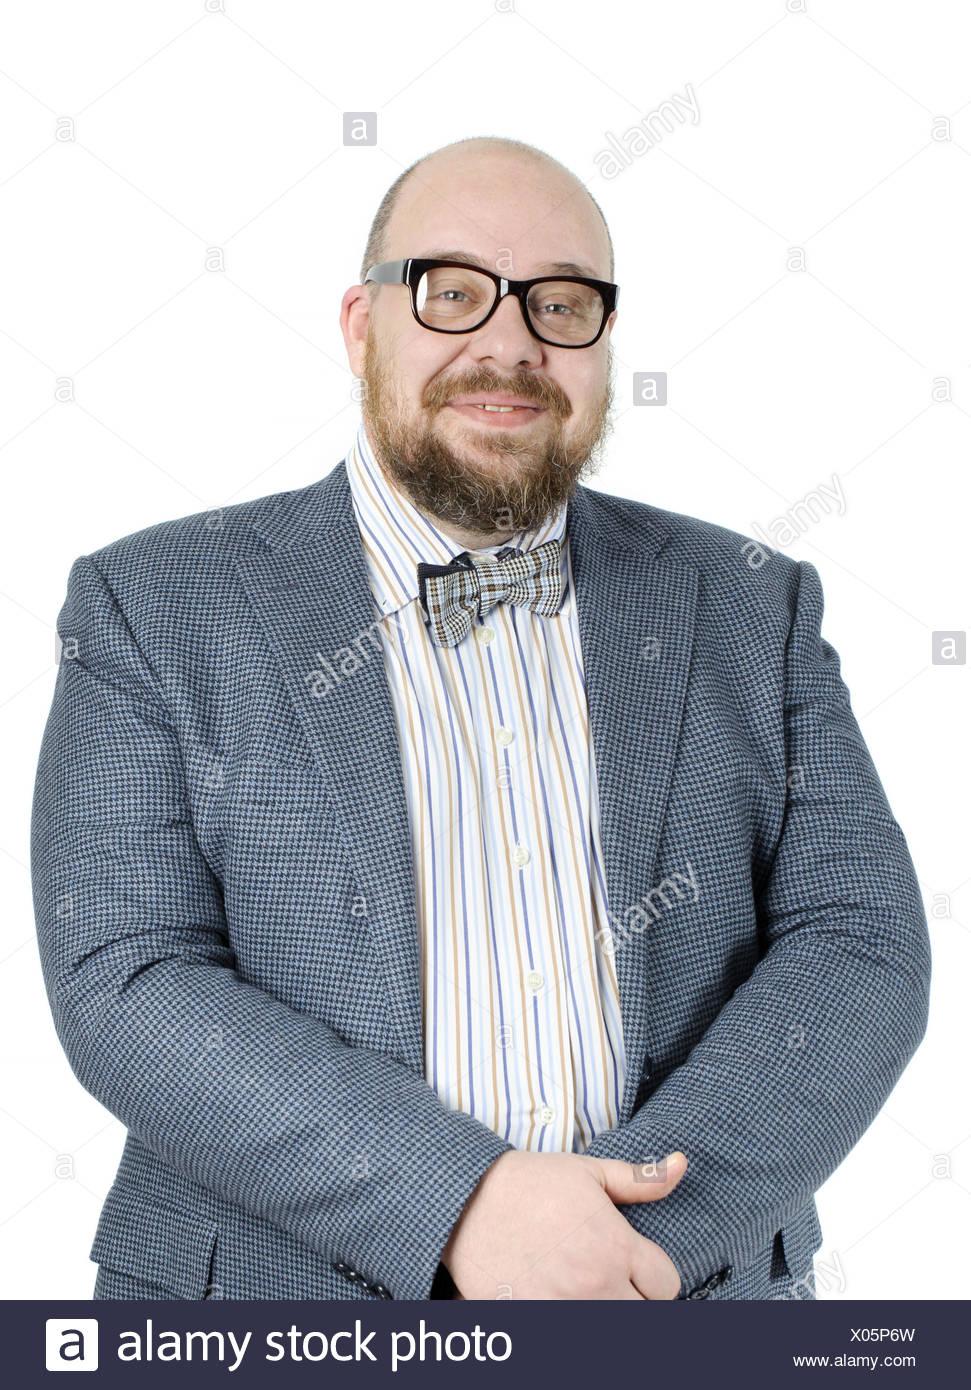 Homme barbu souriant dans une veste. Photo Stock